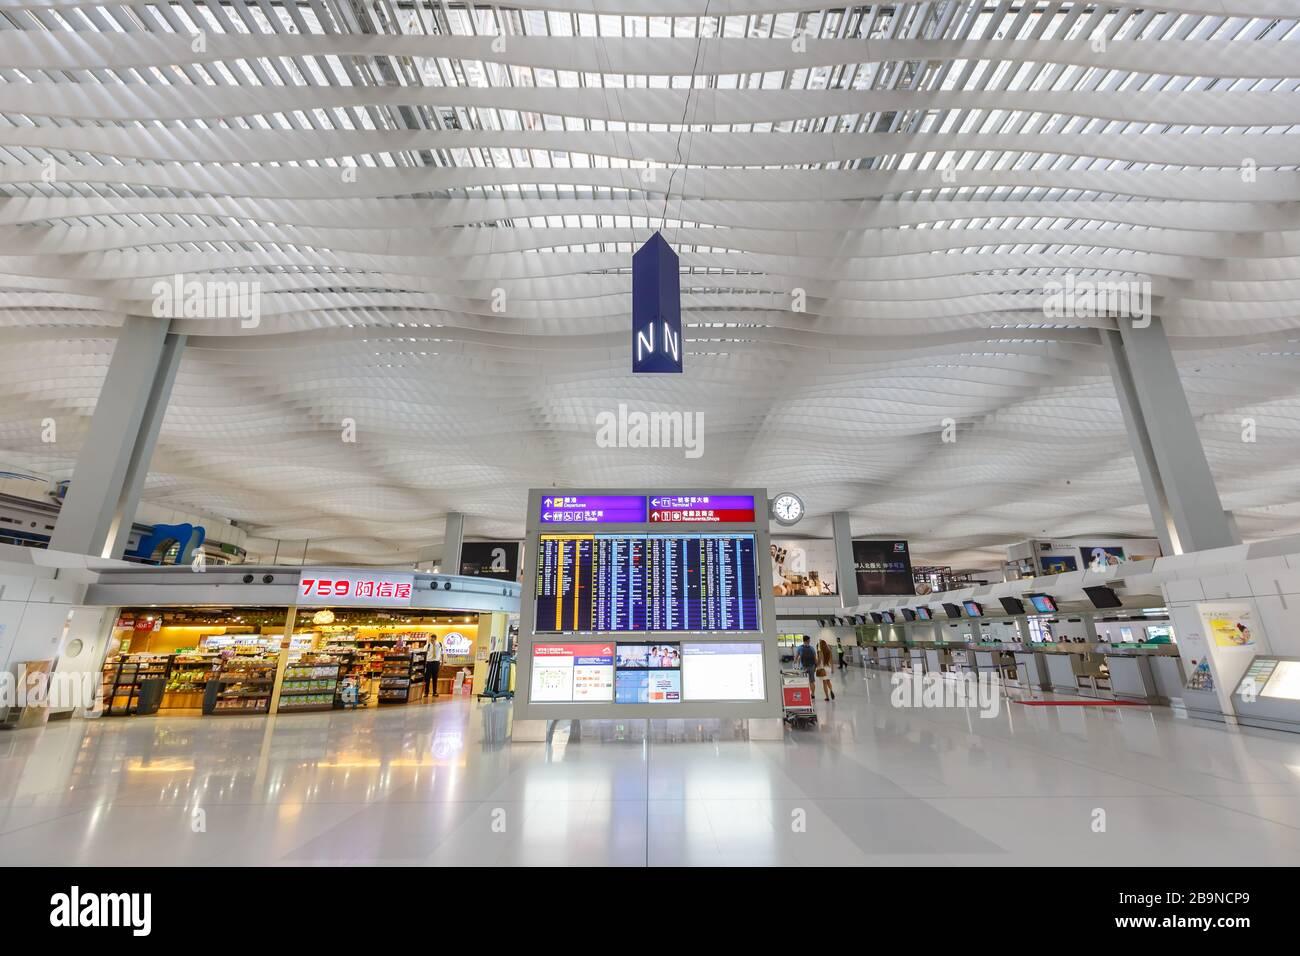 Hong Kong, China – September 20, 2019: Terminal 2 of Hong Kong airport (HKG) in China. Stock Photo